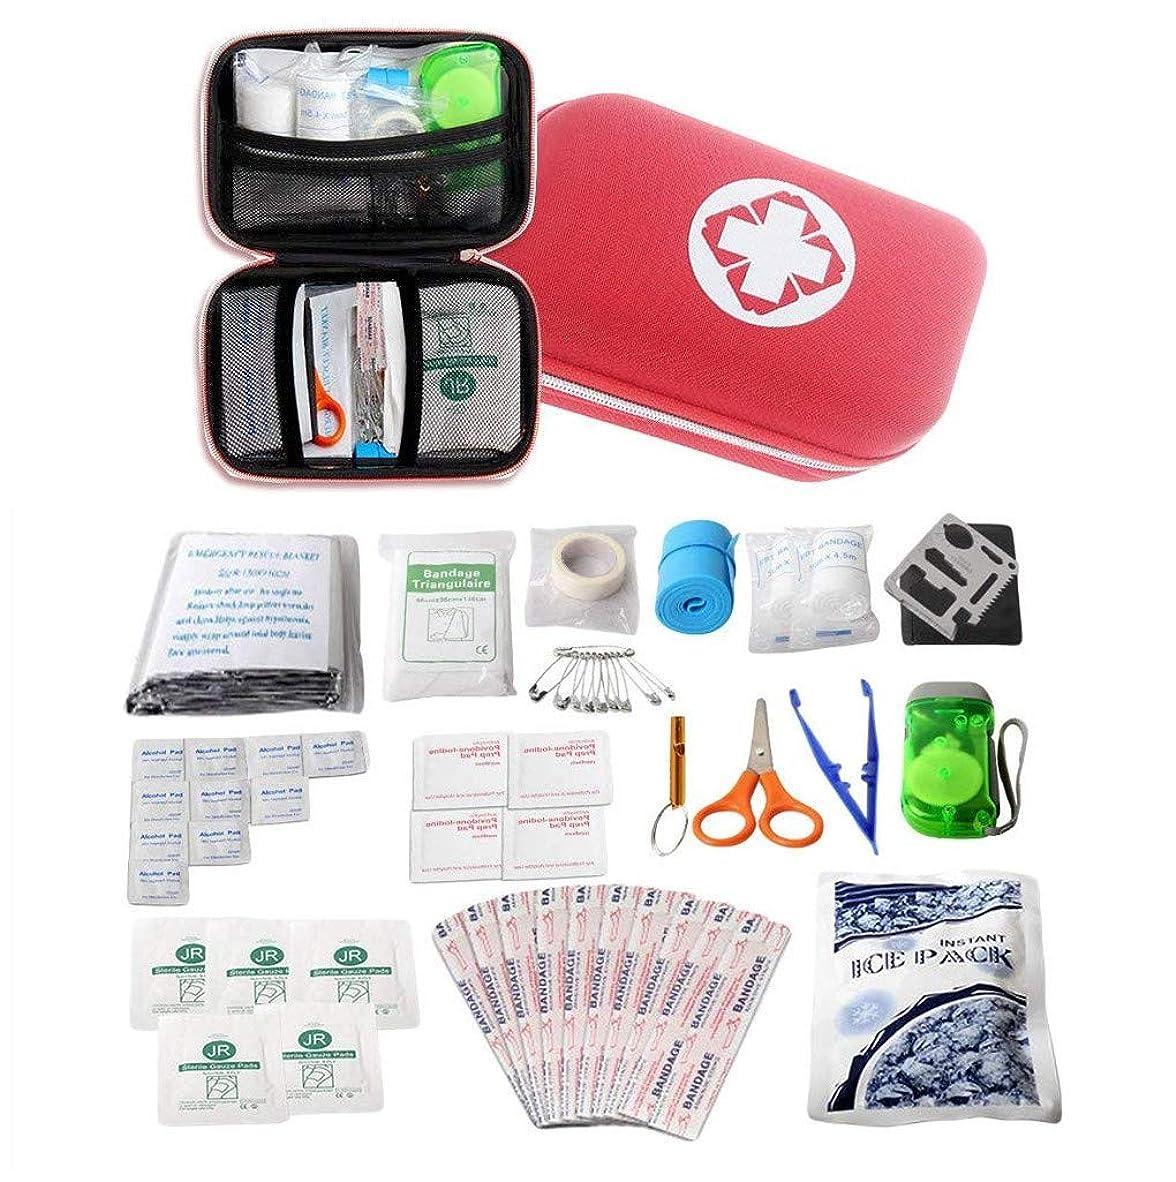 支給八マダム救急セット 応急処置セット 非常時用 18種類のセット